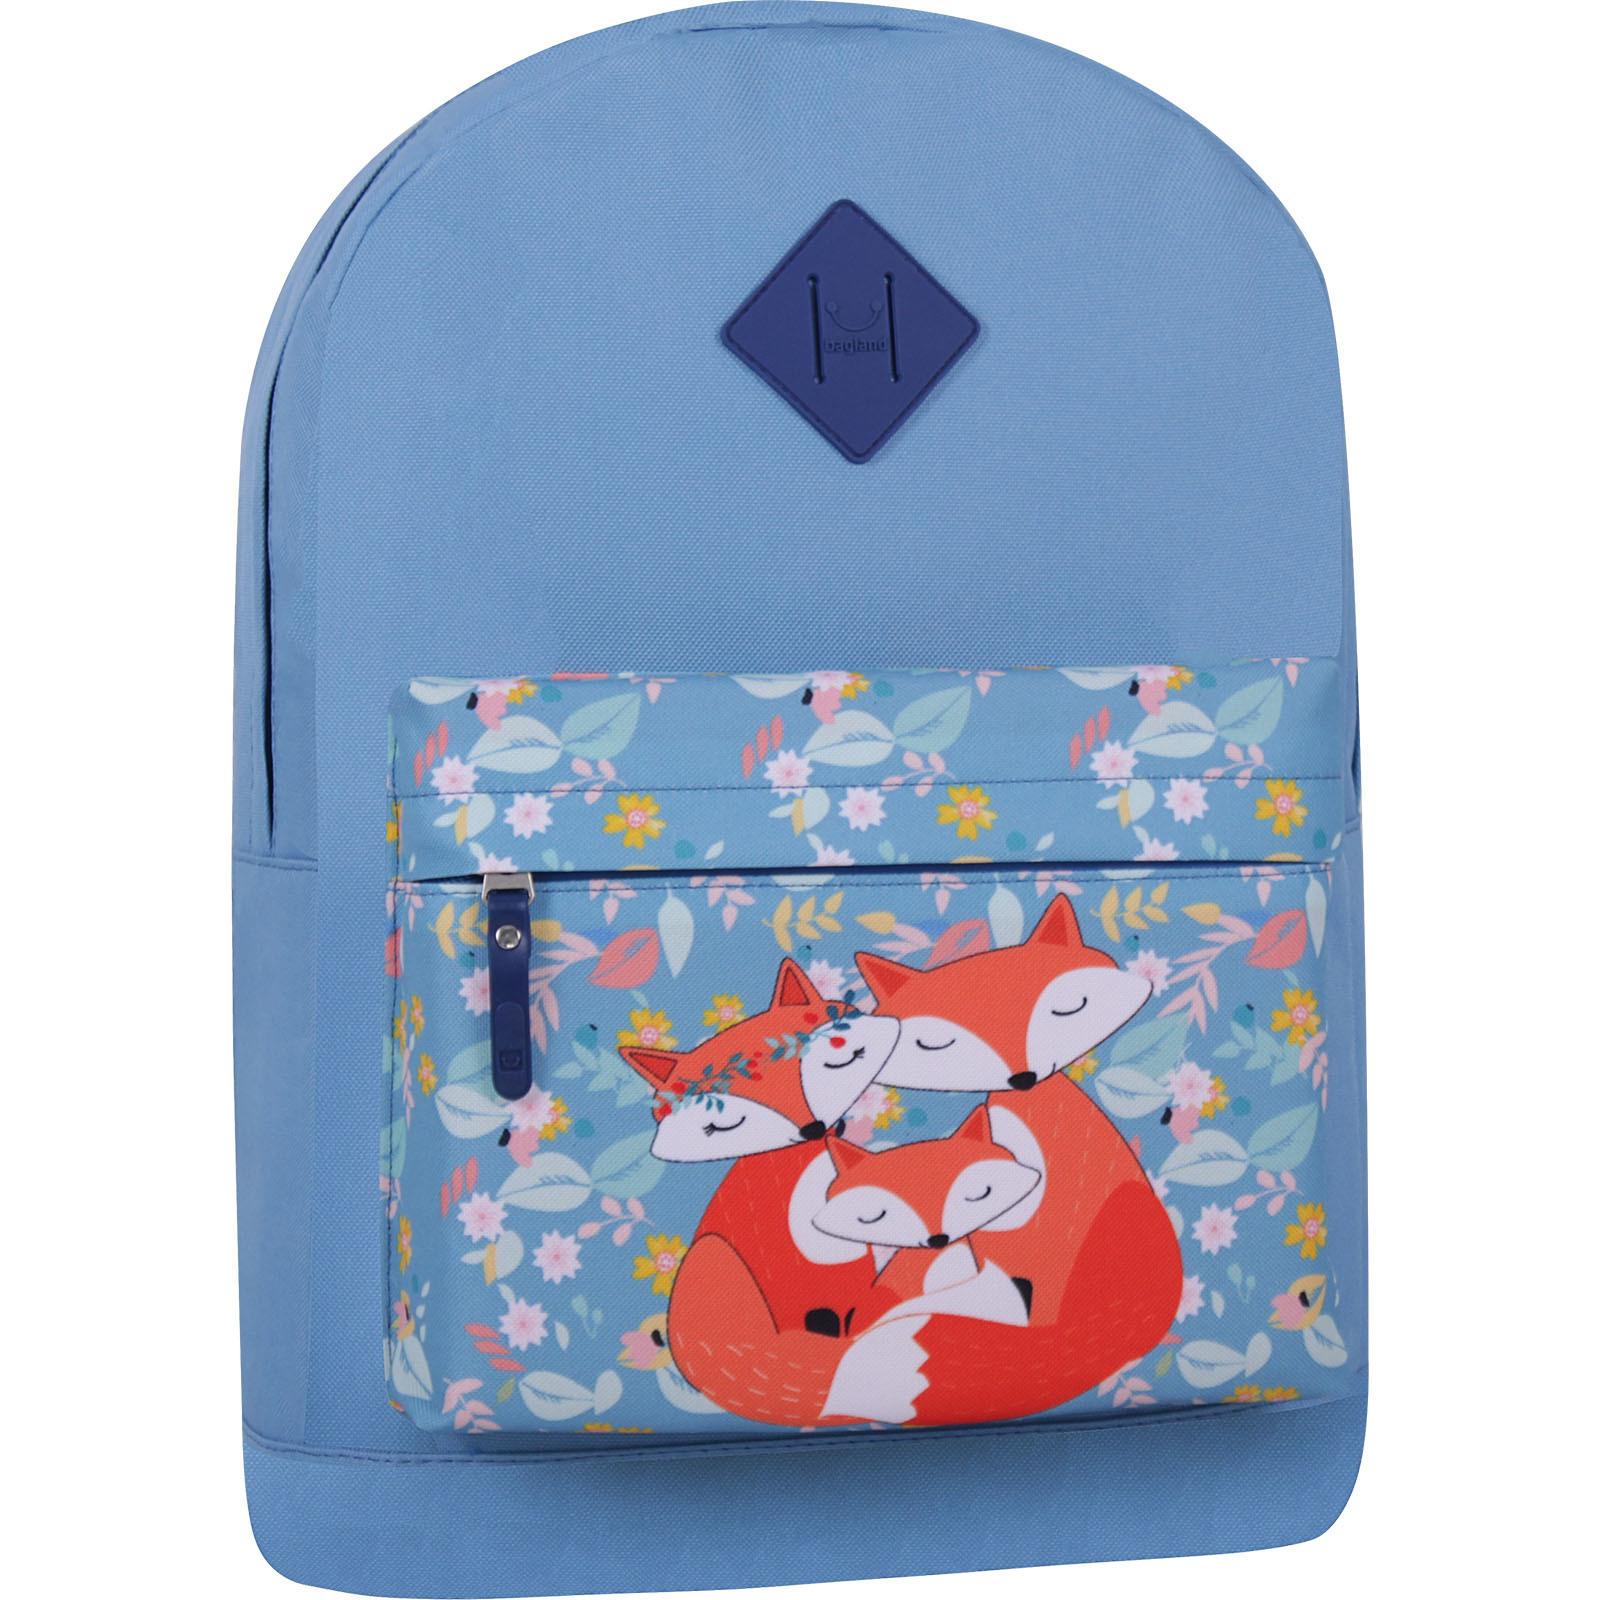 Молодежные рюкзаки Рюкзак Bagland Молодежный W/R 17 л. Голубой 753 (00533662) IMG_7238_суб.753_-1600.jpg